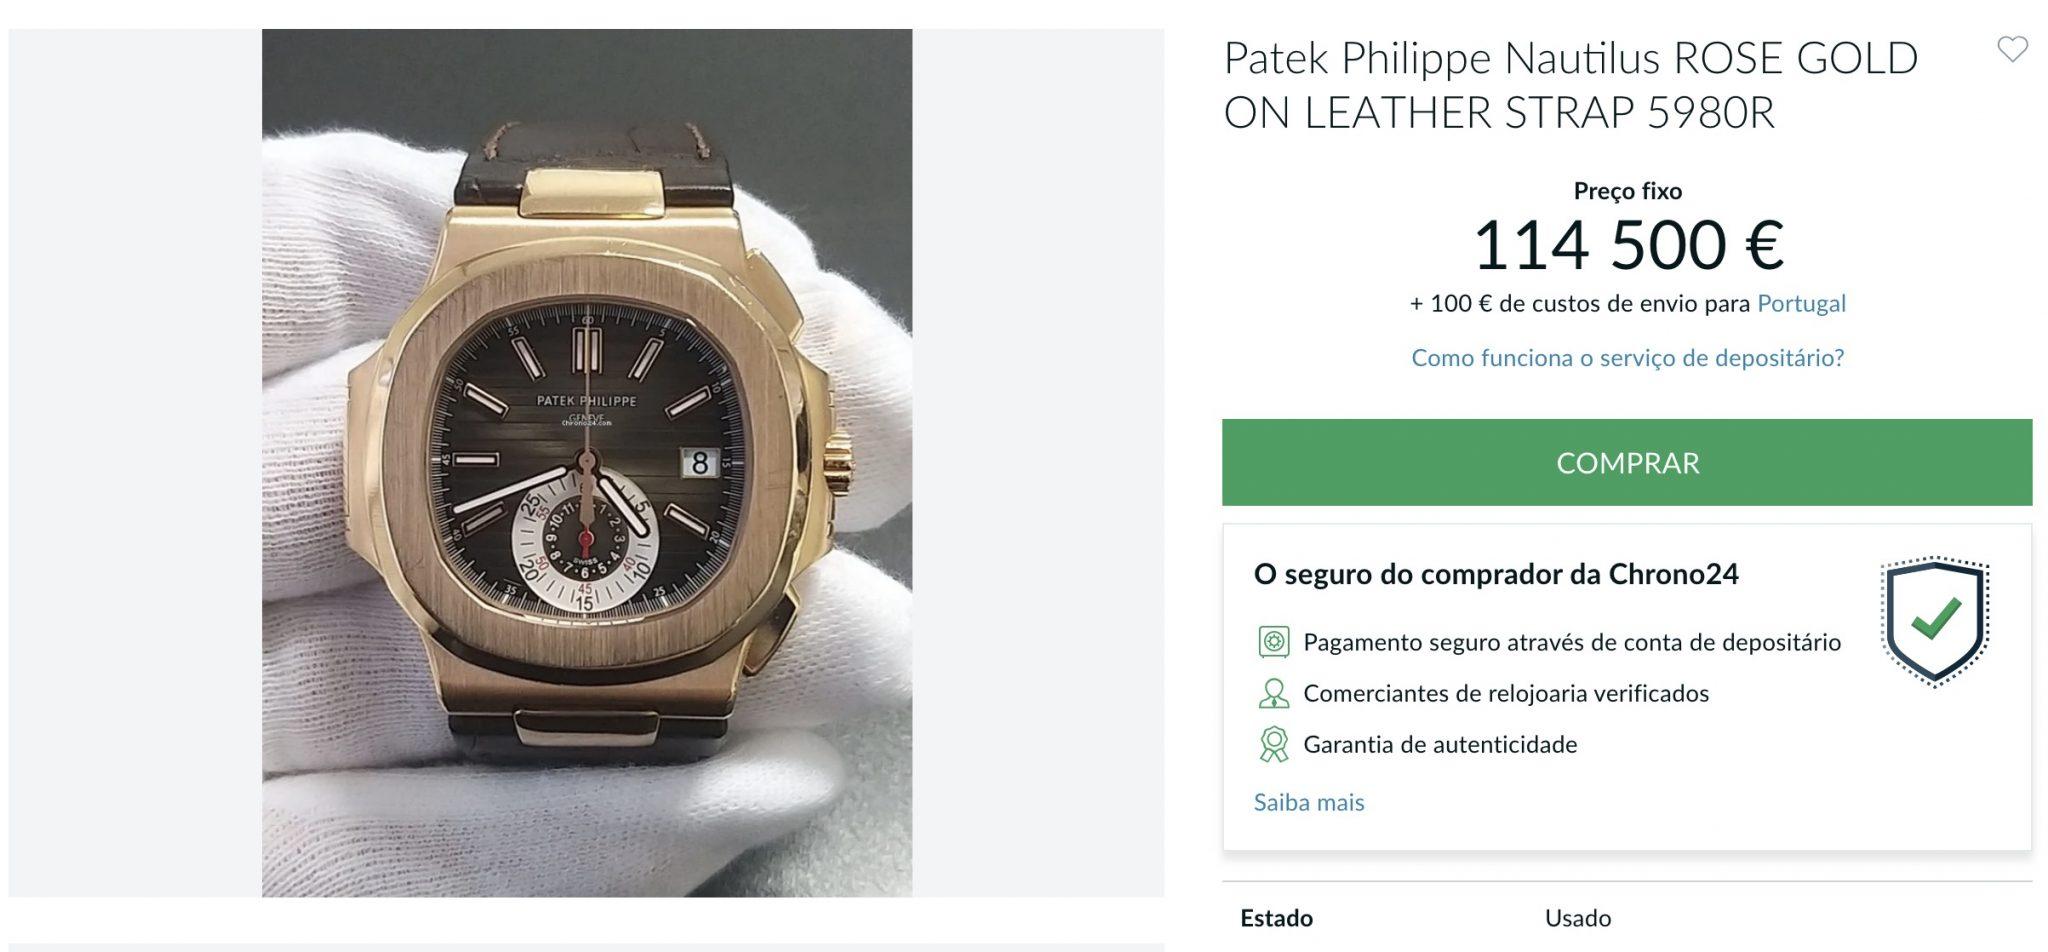 Luis Filipe Vieira usou um relógio de 110 mil euros na comissão de inquérito?